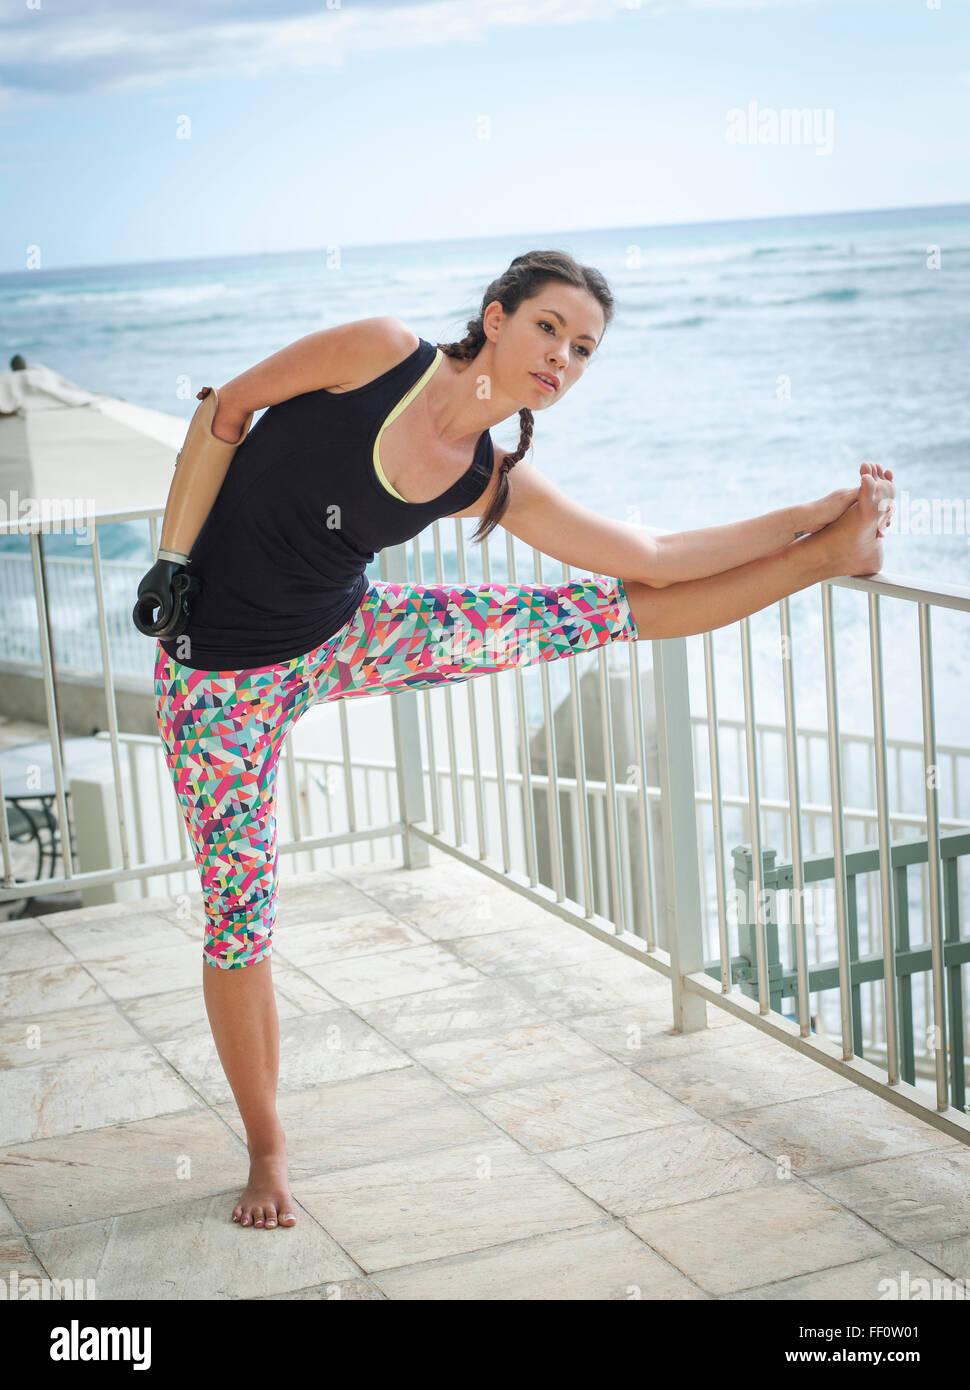 Mixed Race athlète amputé qui s'étend sur balcon Banque D'Images